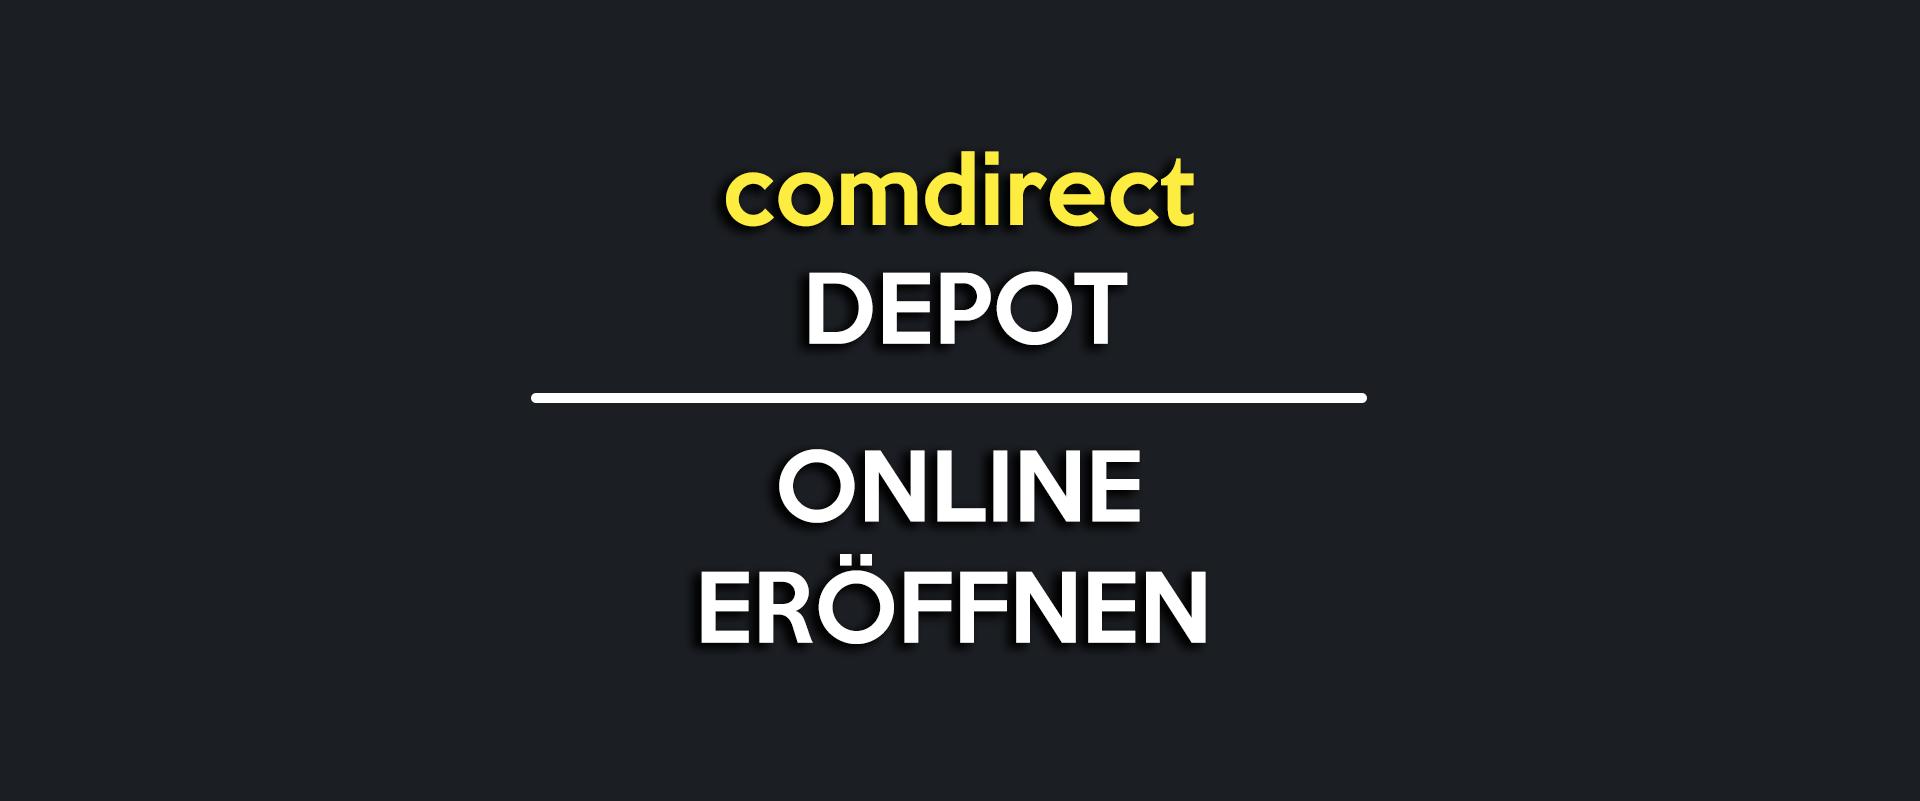 comdirect depot eröffnen online kostenlos